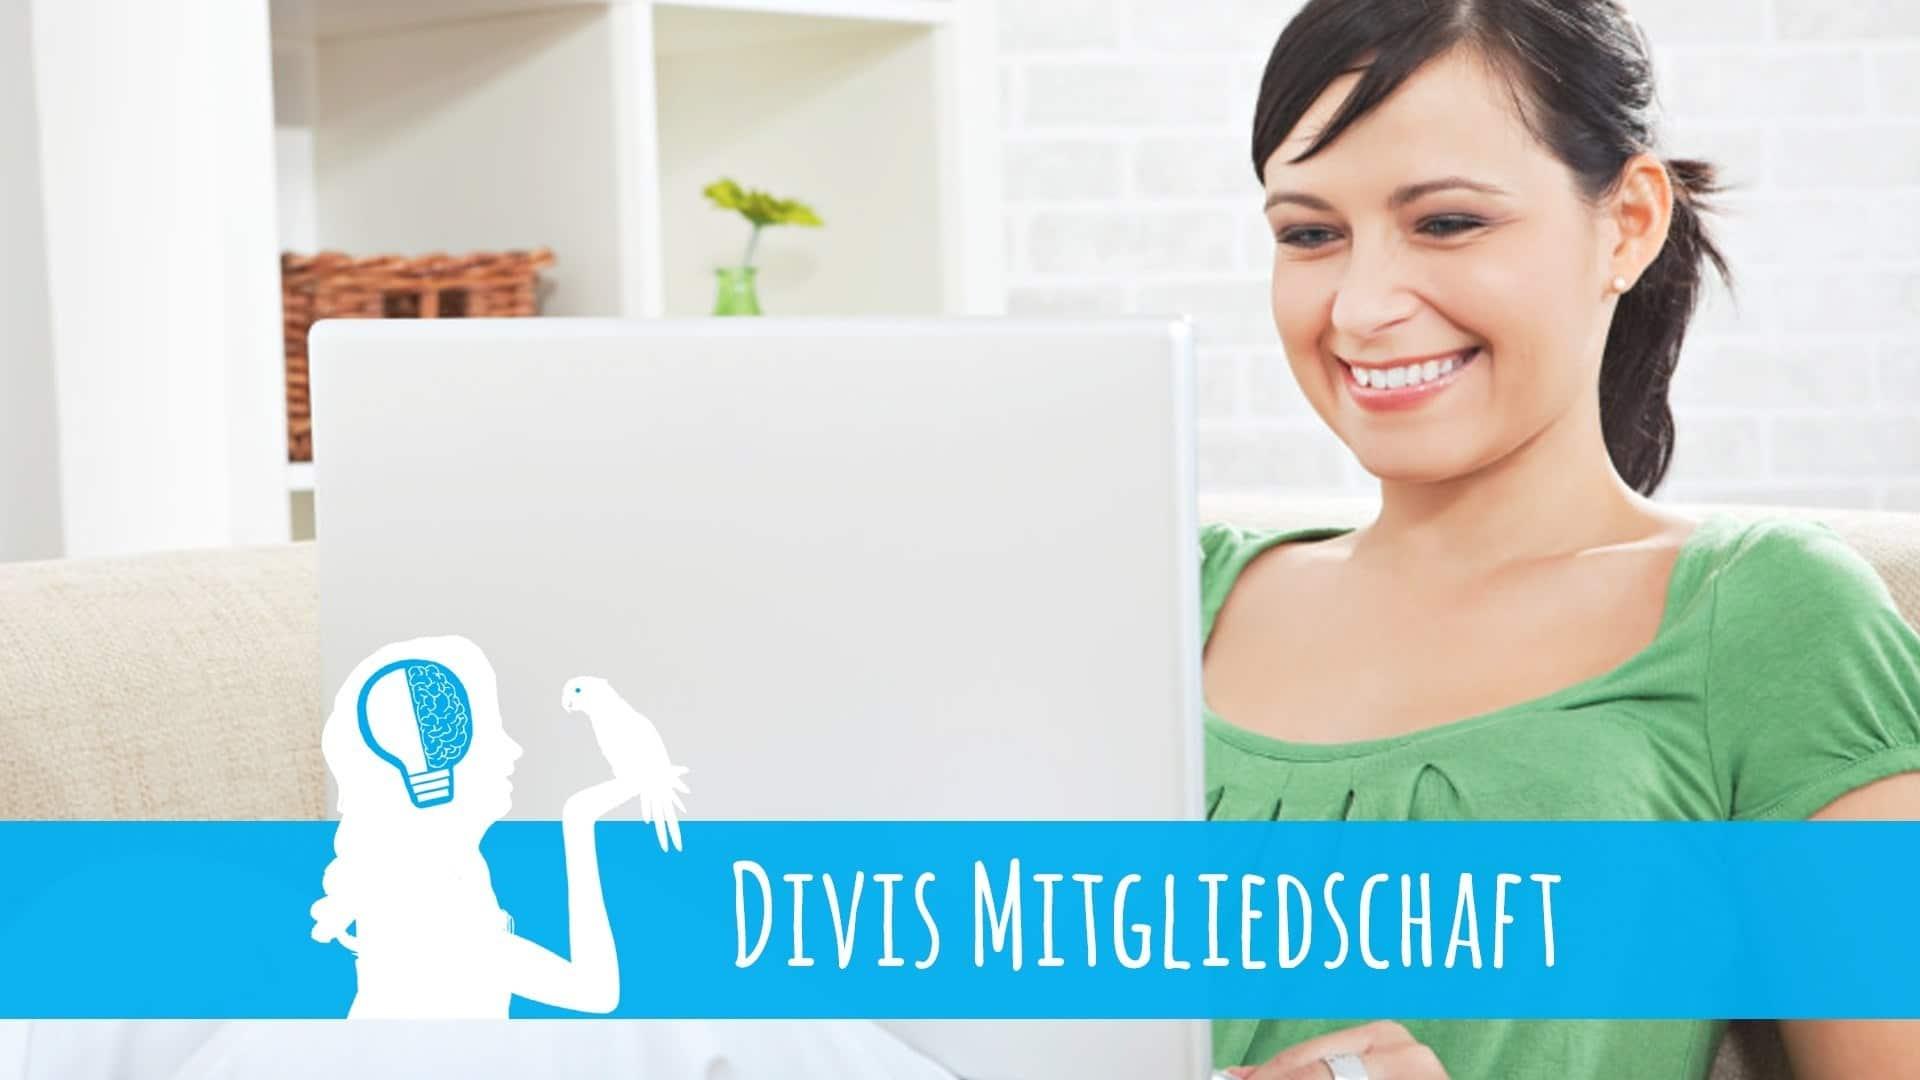 Divis-Mitgliedschaft